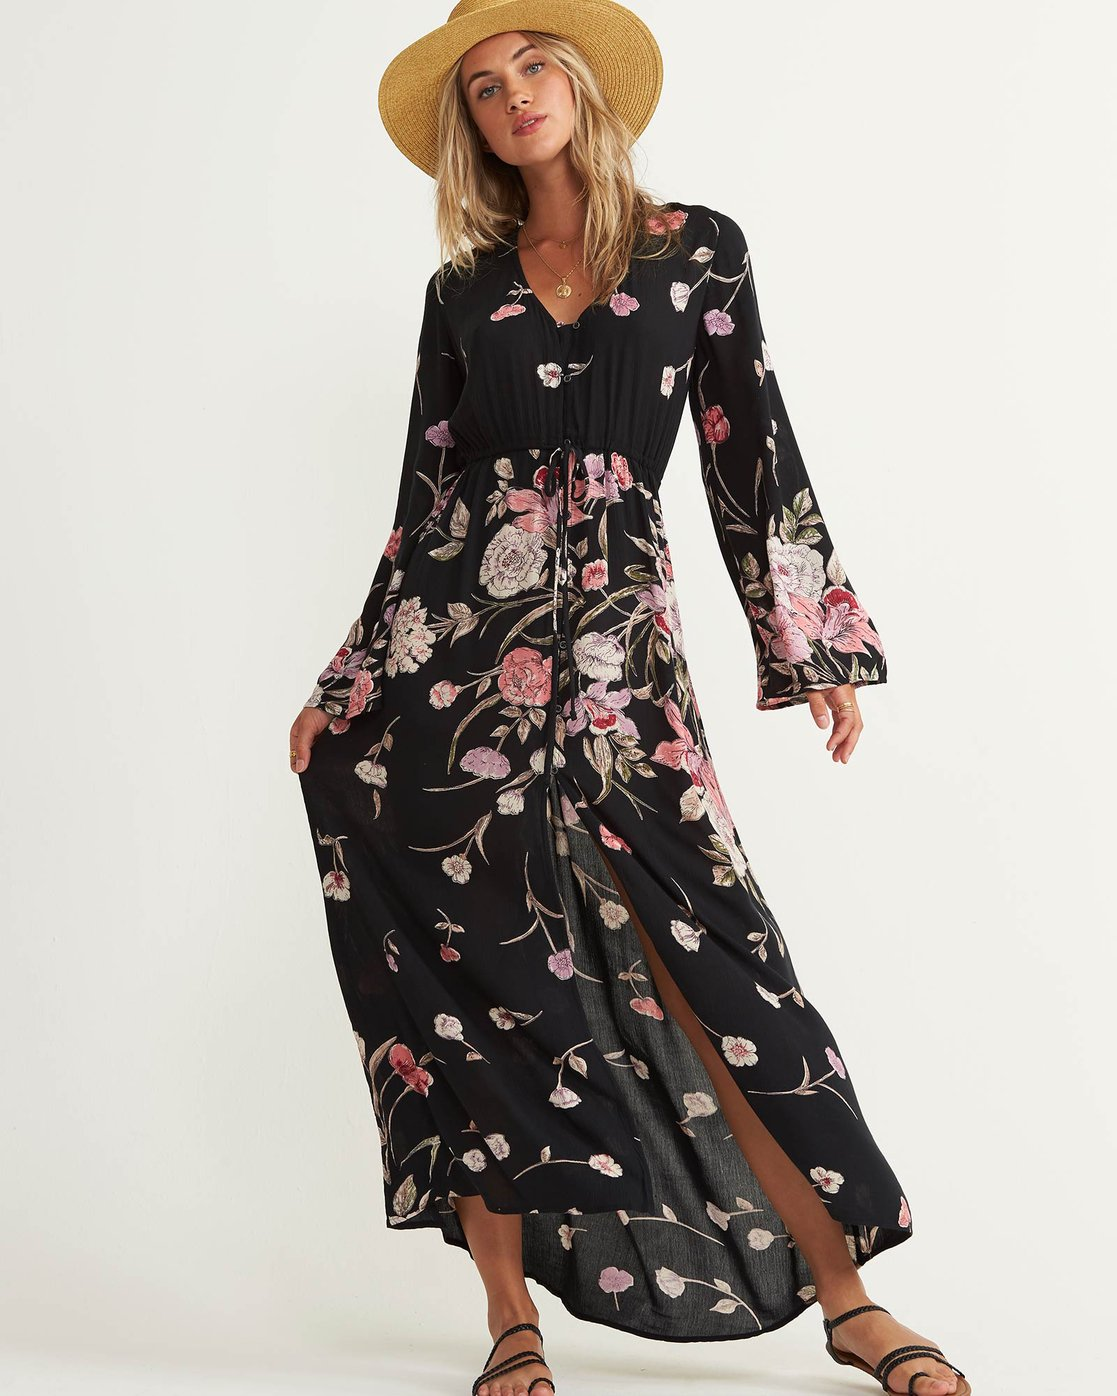 bd53913b426 0 Desi Kimono Maxi Dress JD06QBDE Billabong